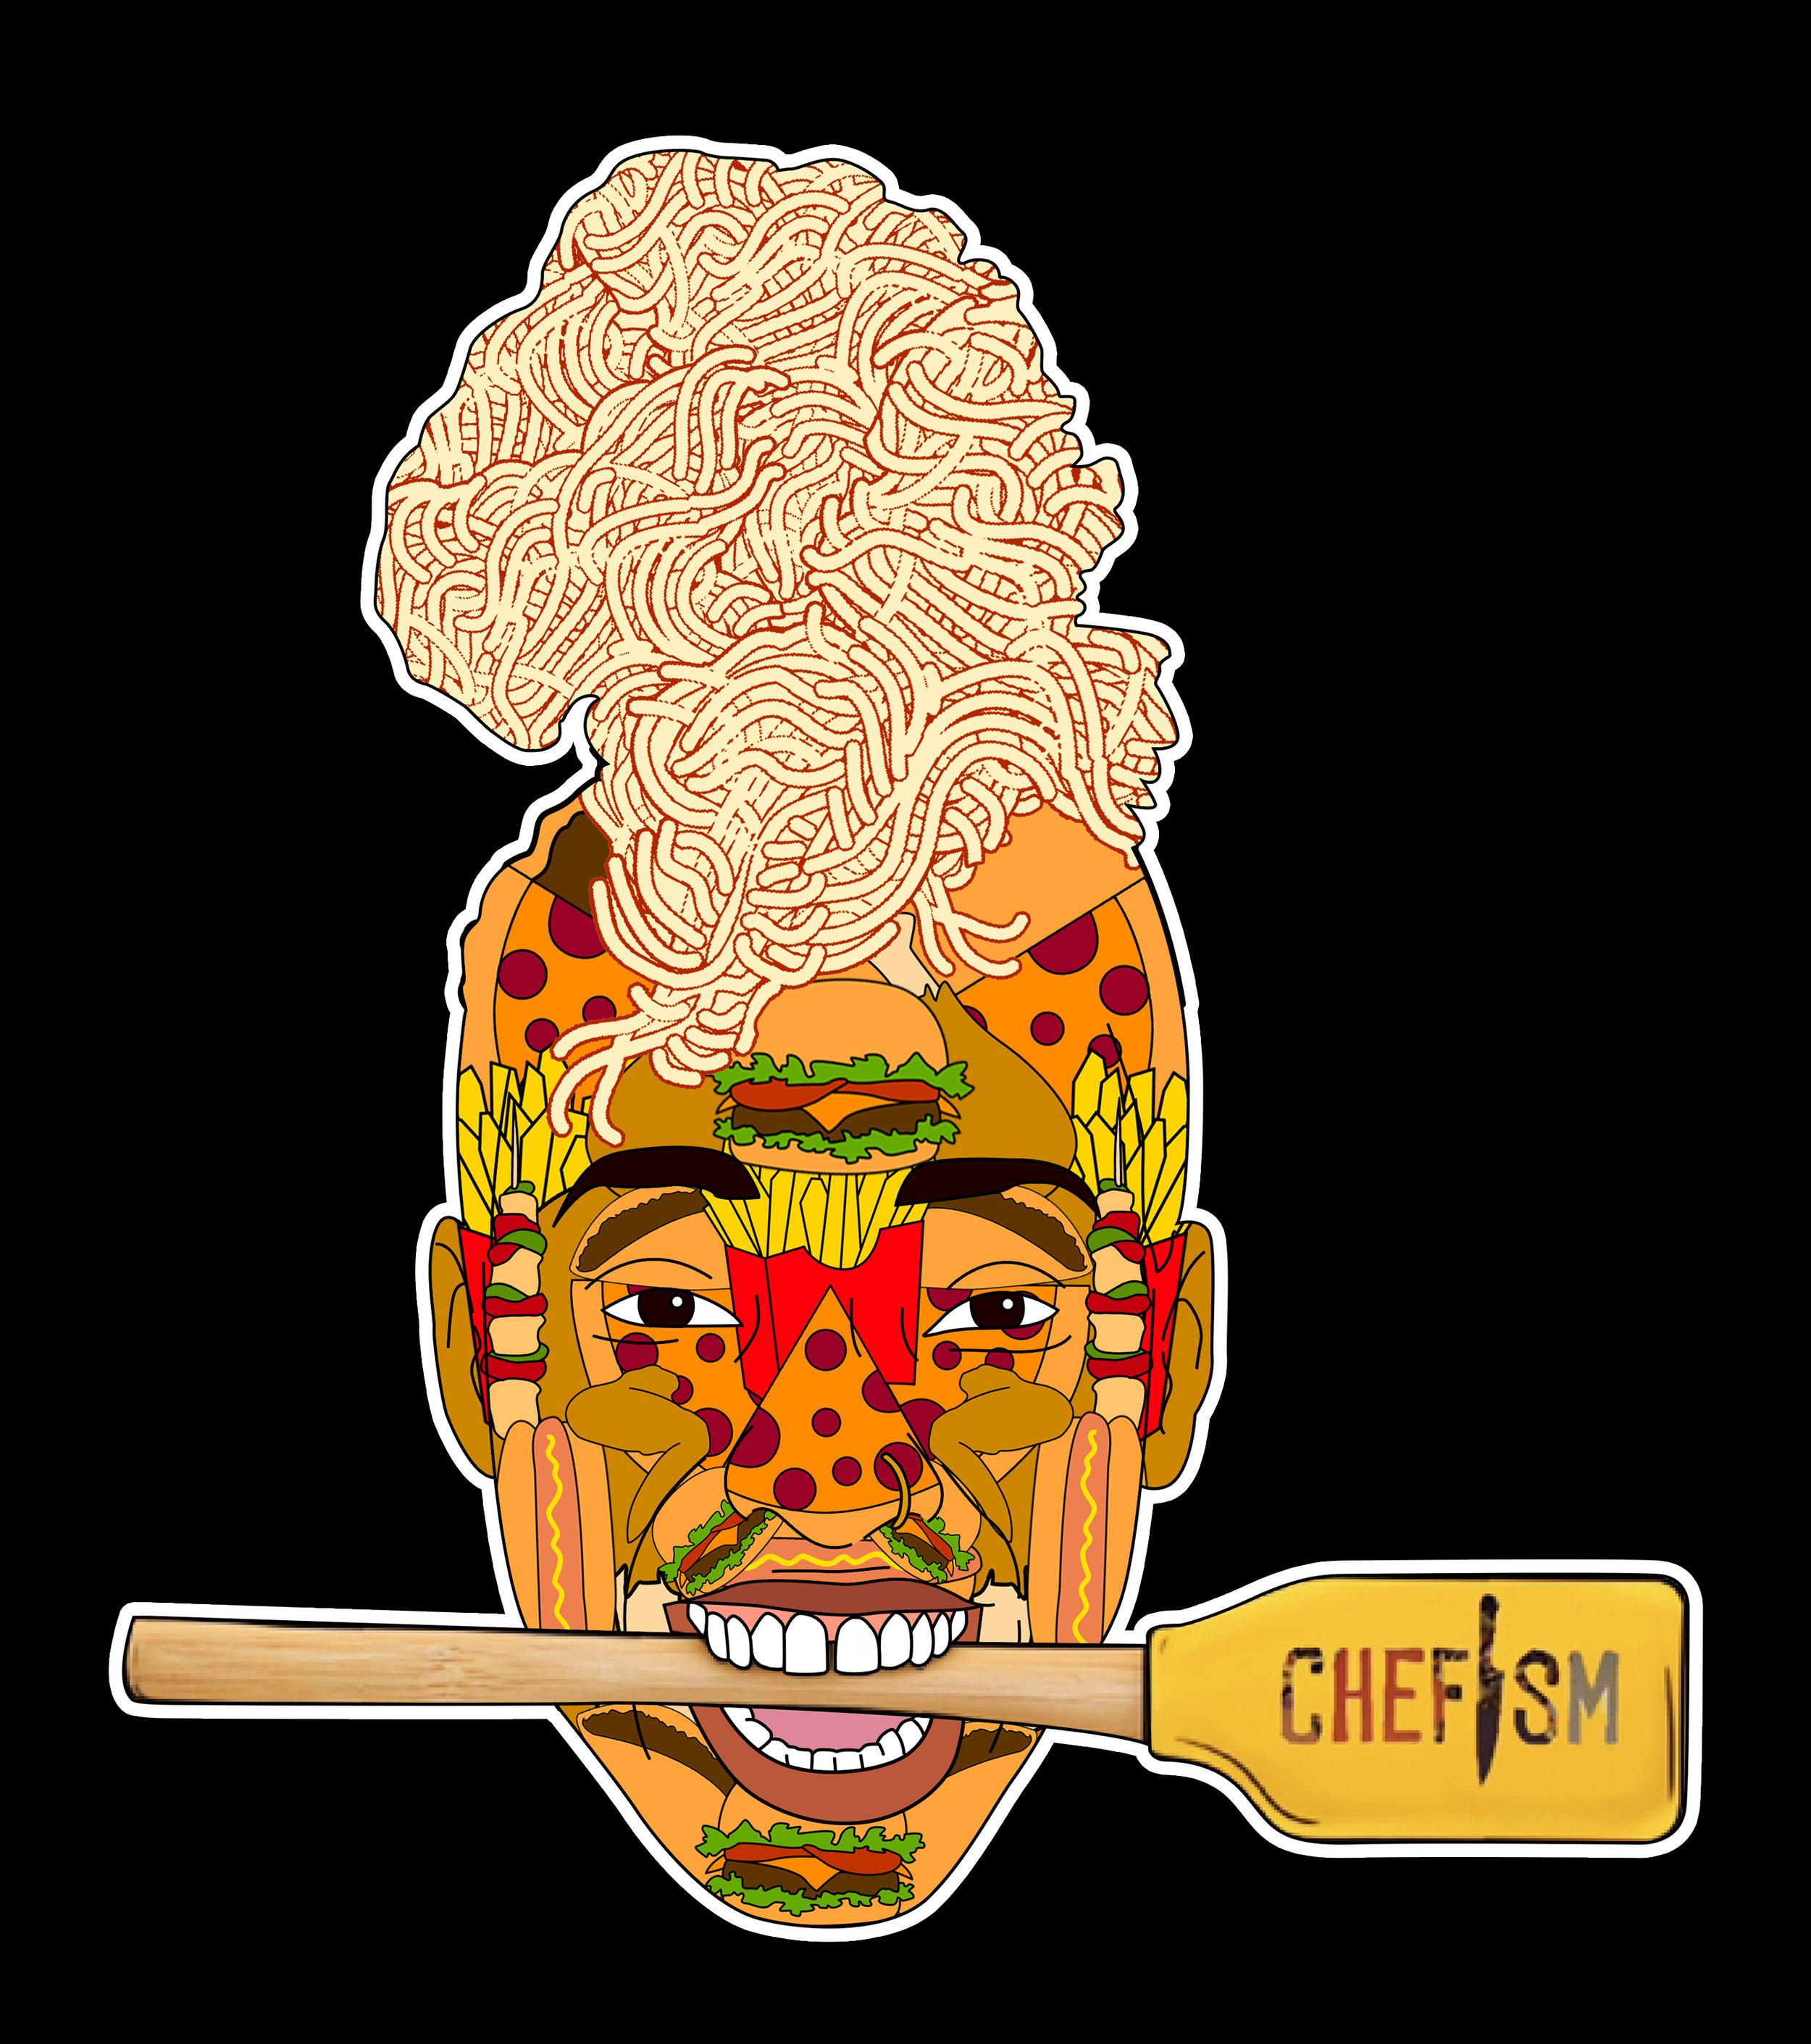 chefq-badfood.jpg